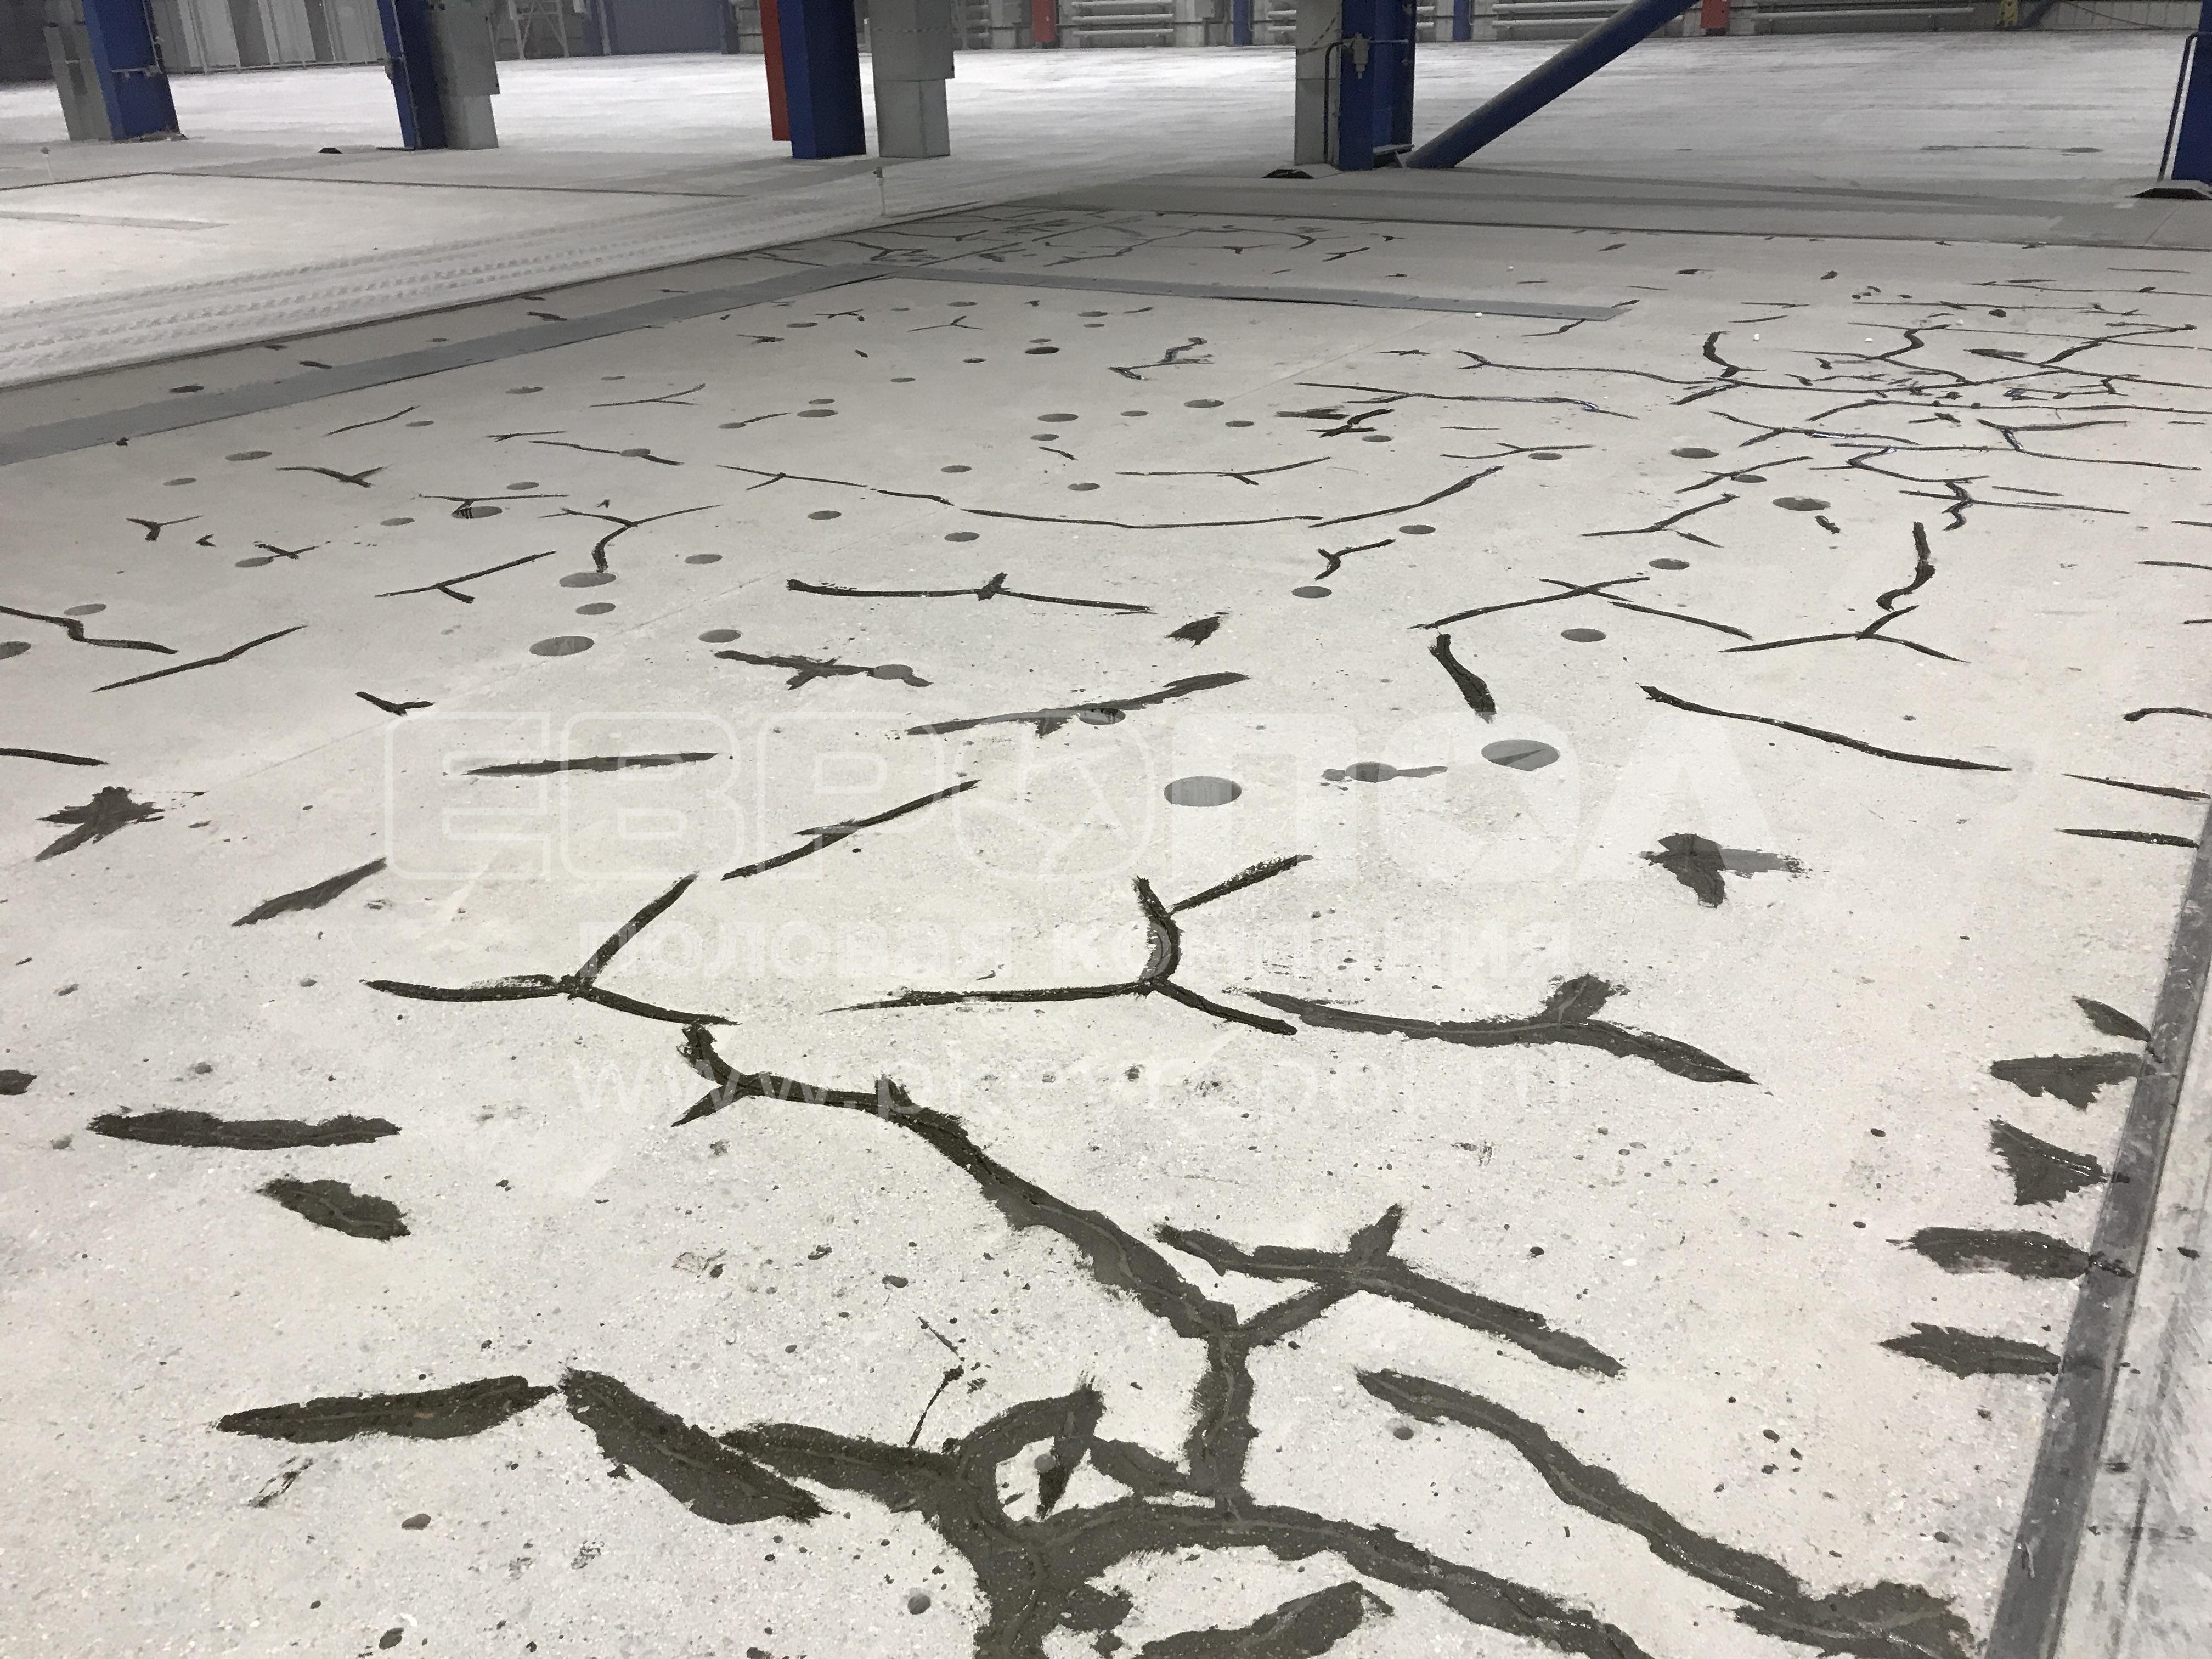 Ремонт бетонных полов в промышленных помещениях